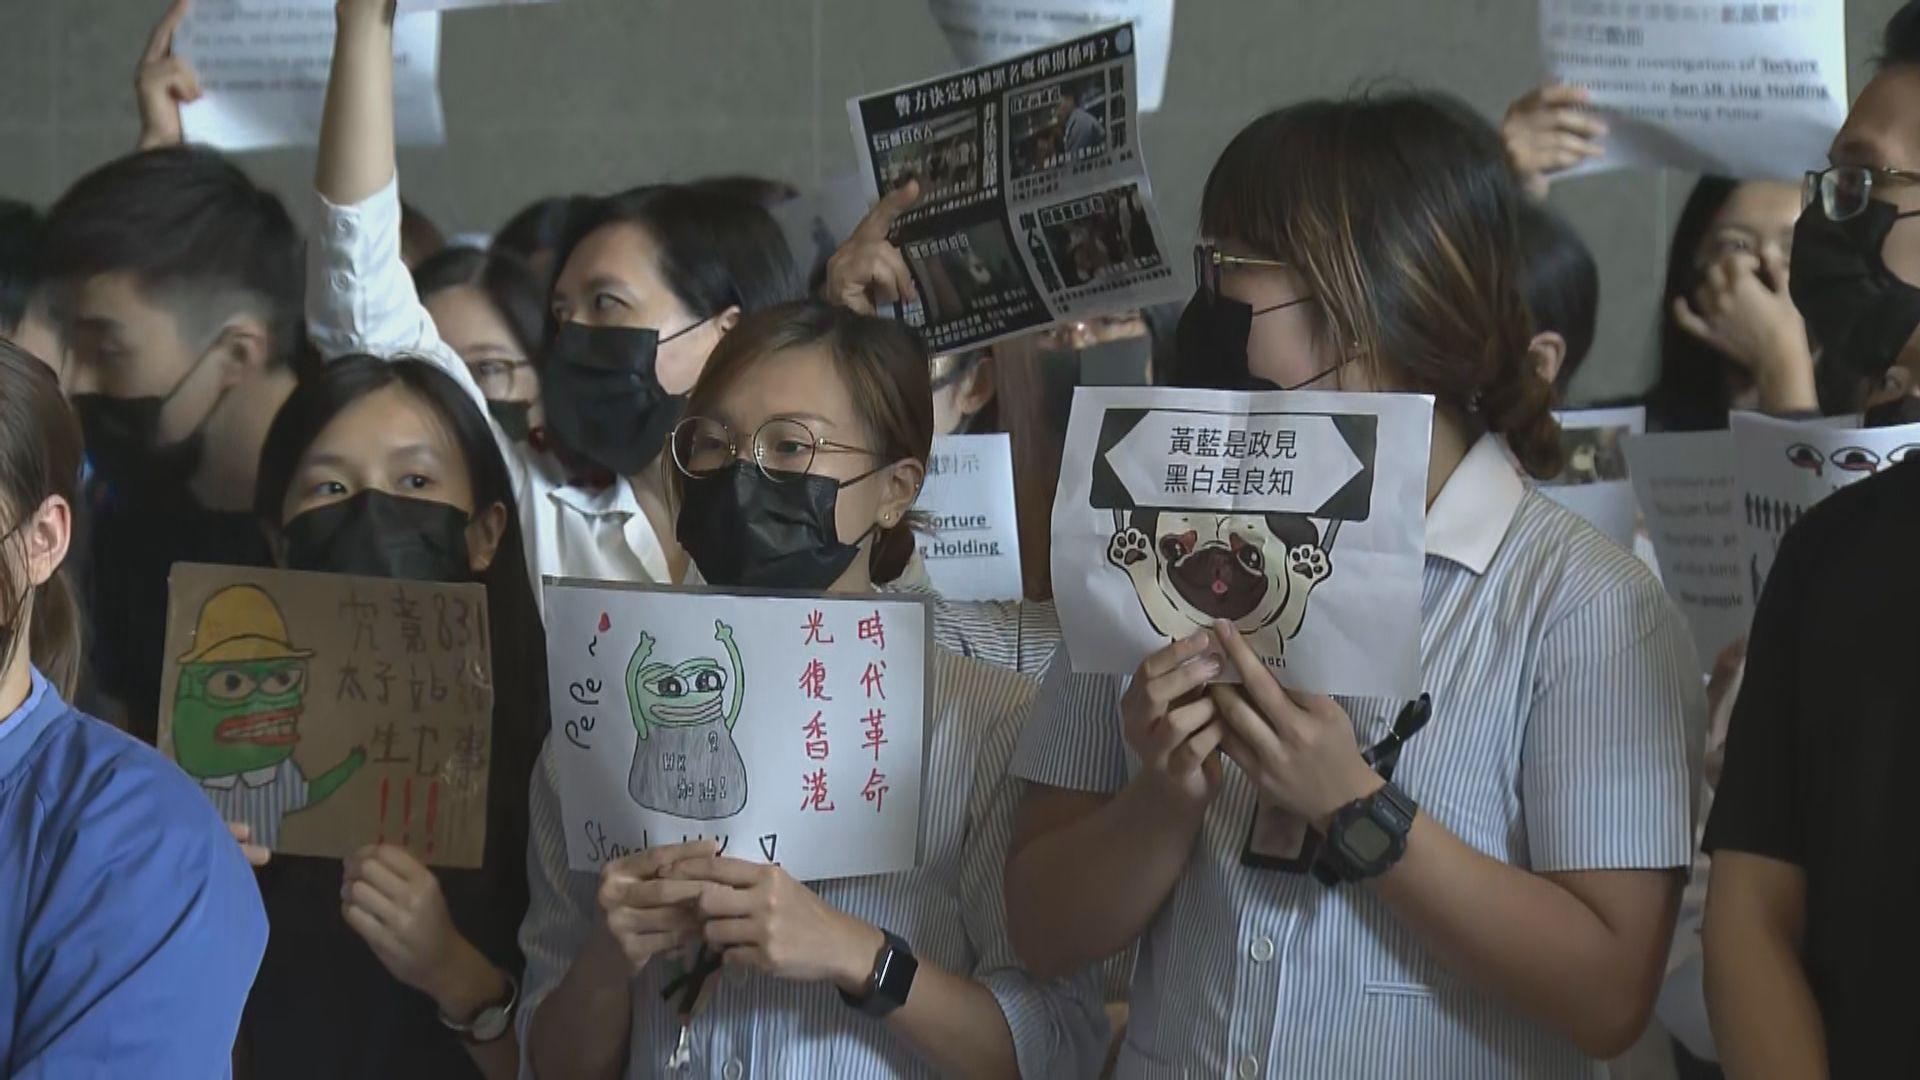 威院數百醫護築人鏈不滿警方不合理武力執法